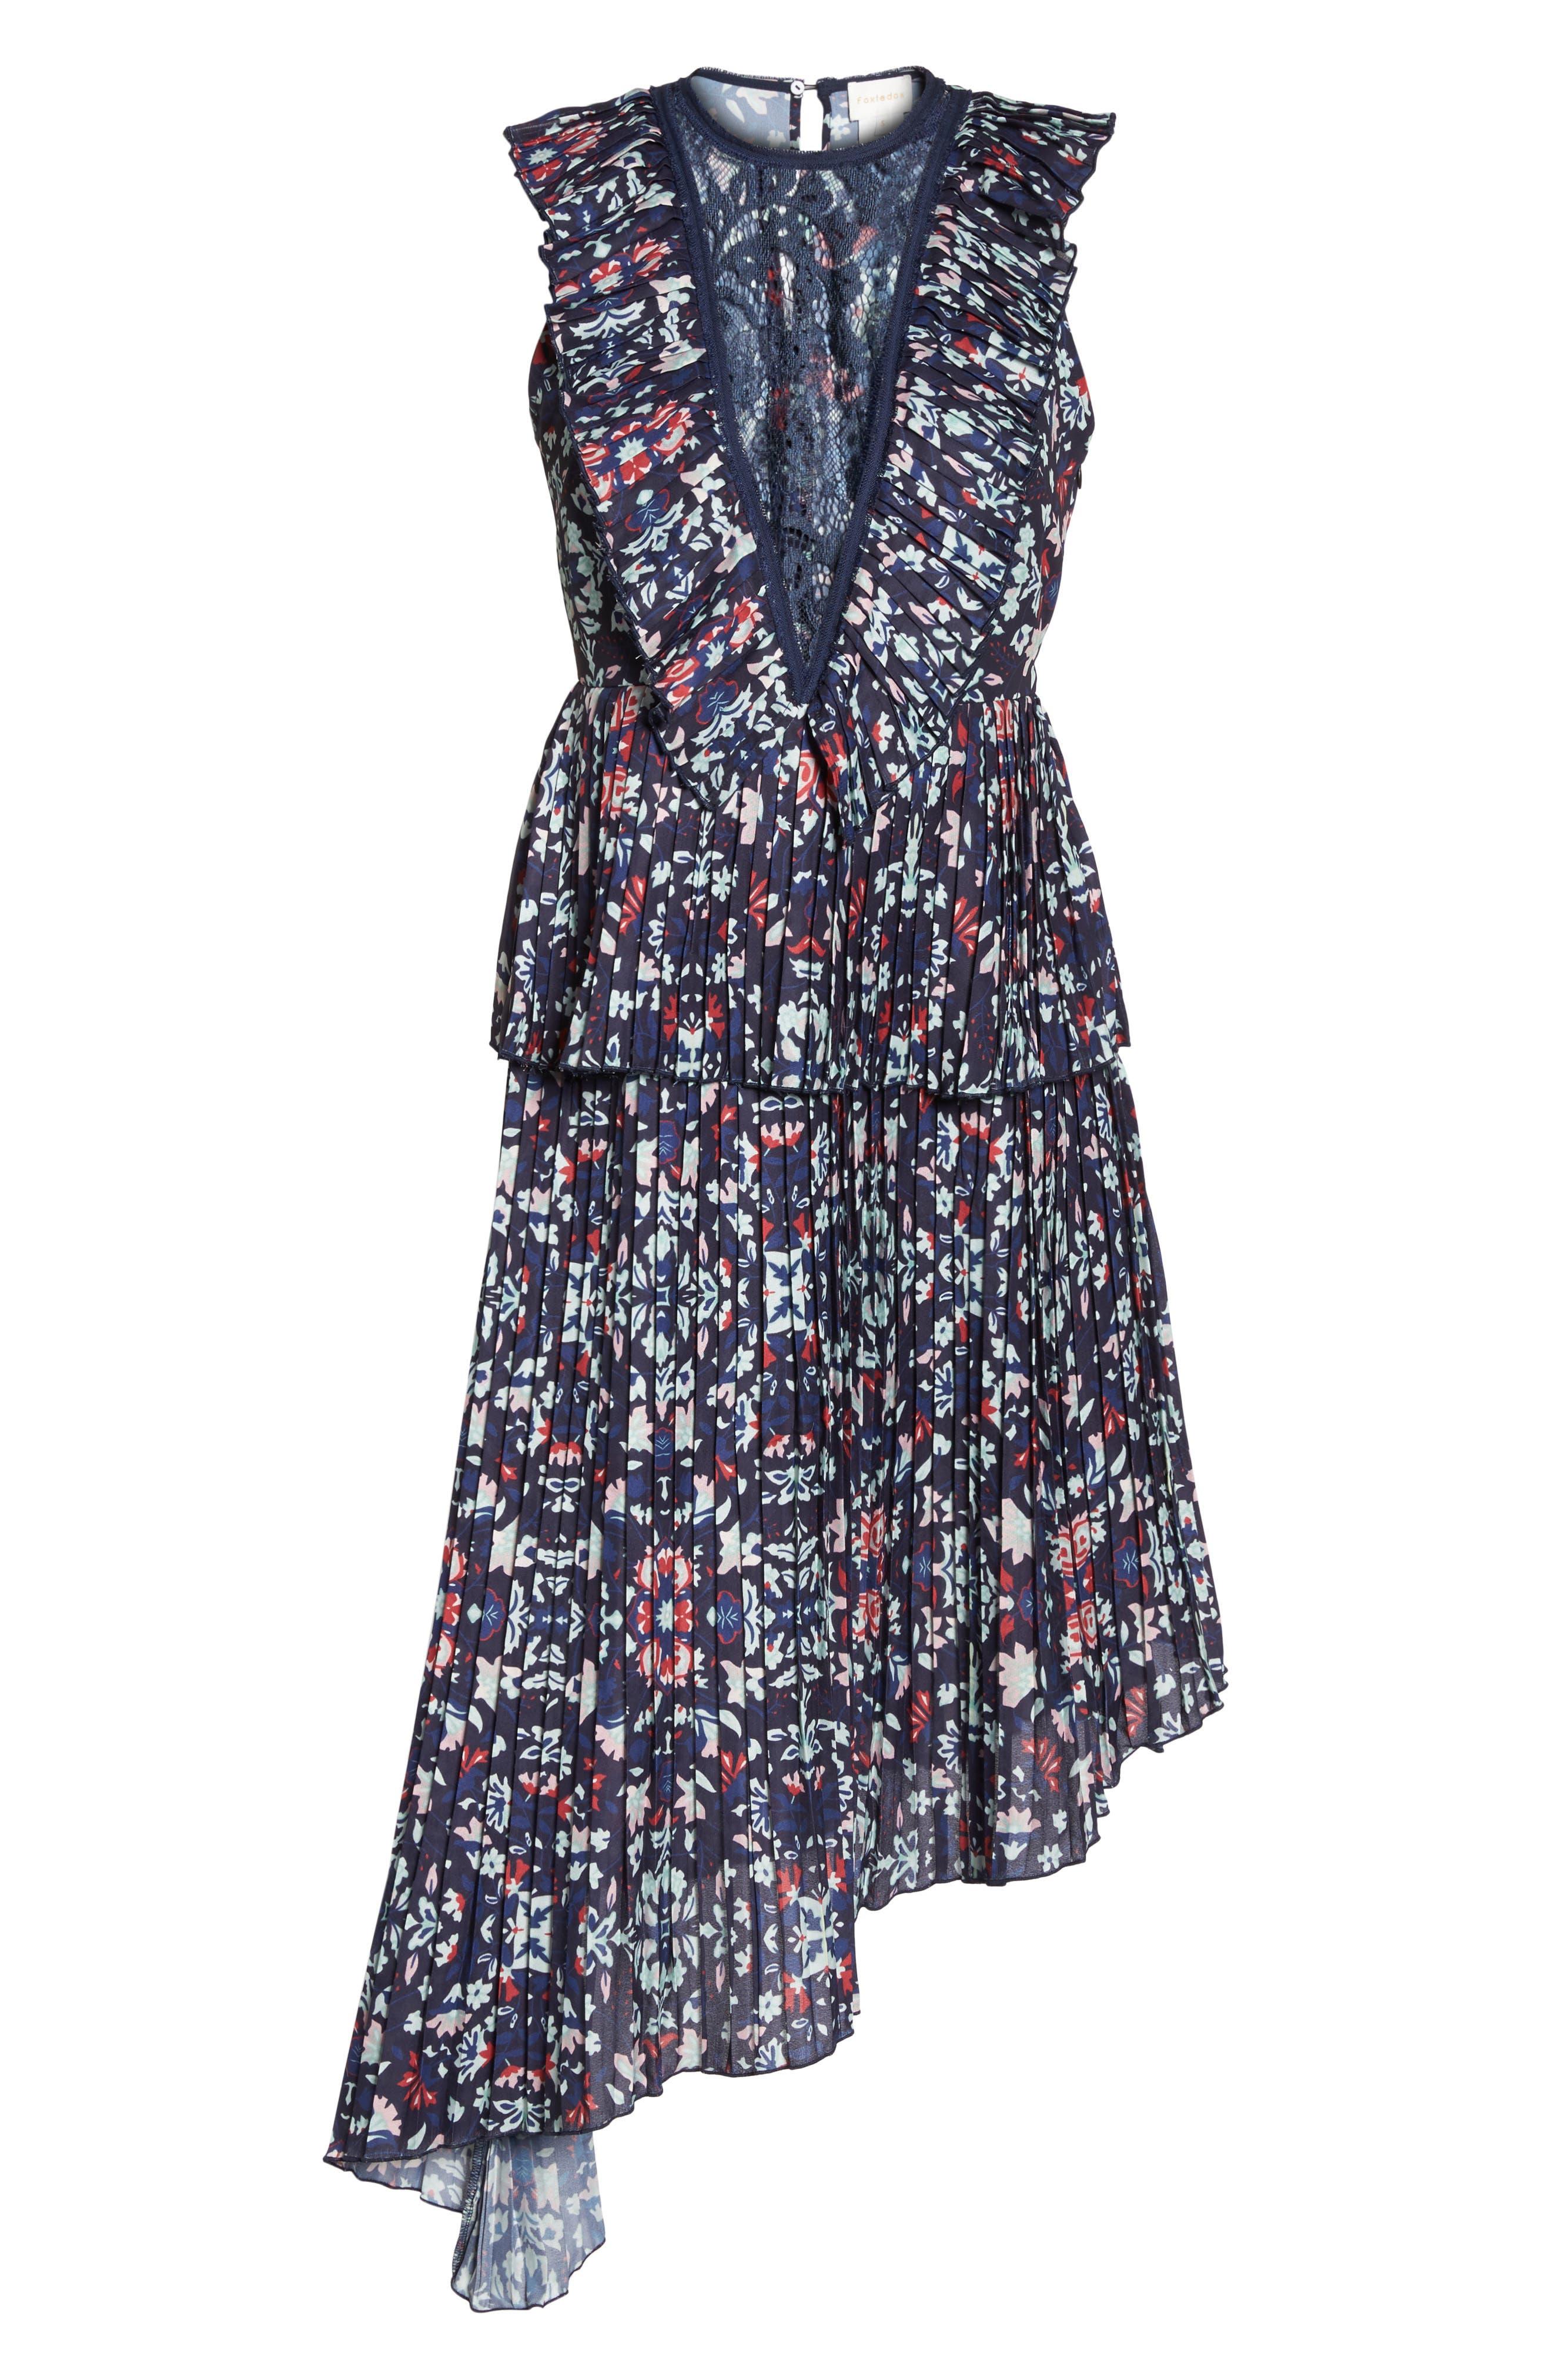 Miranda Pleat Ruffle Dress,                             Alternate thumbnail 6, color,                             400